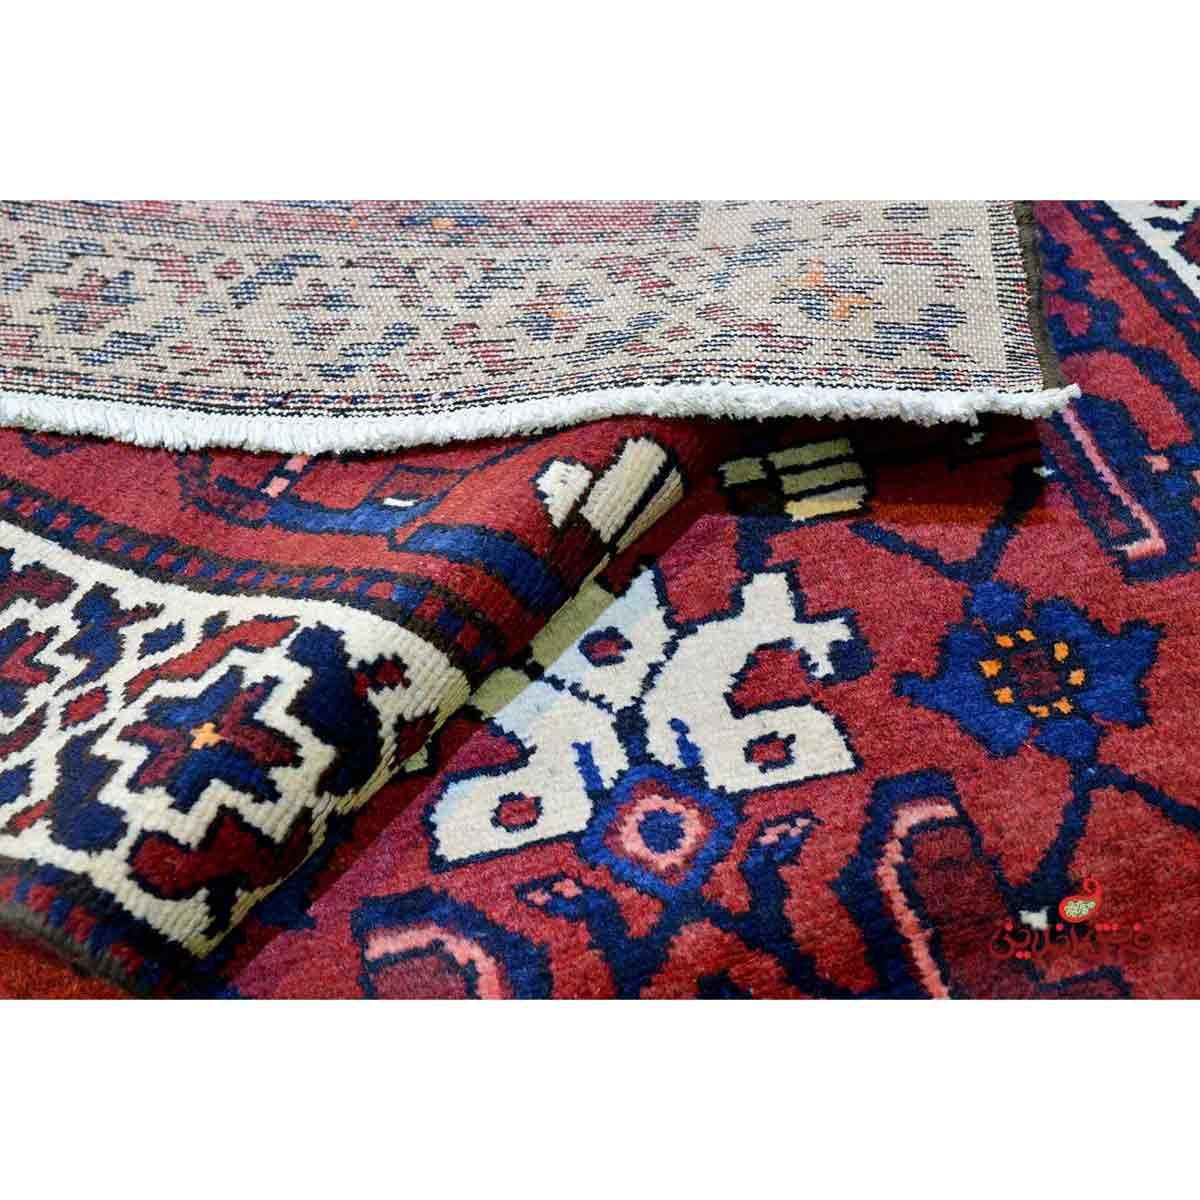 کناره دستباف زنجان کد 62970